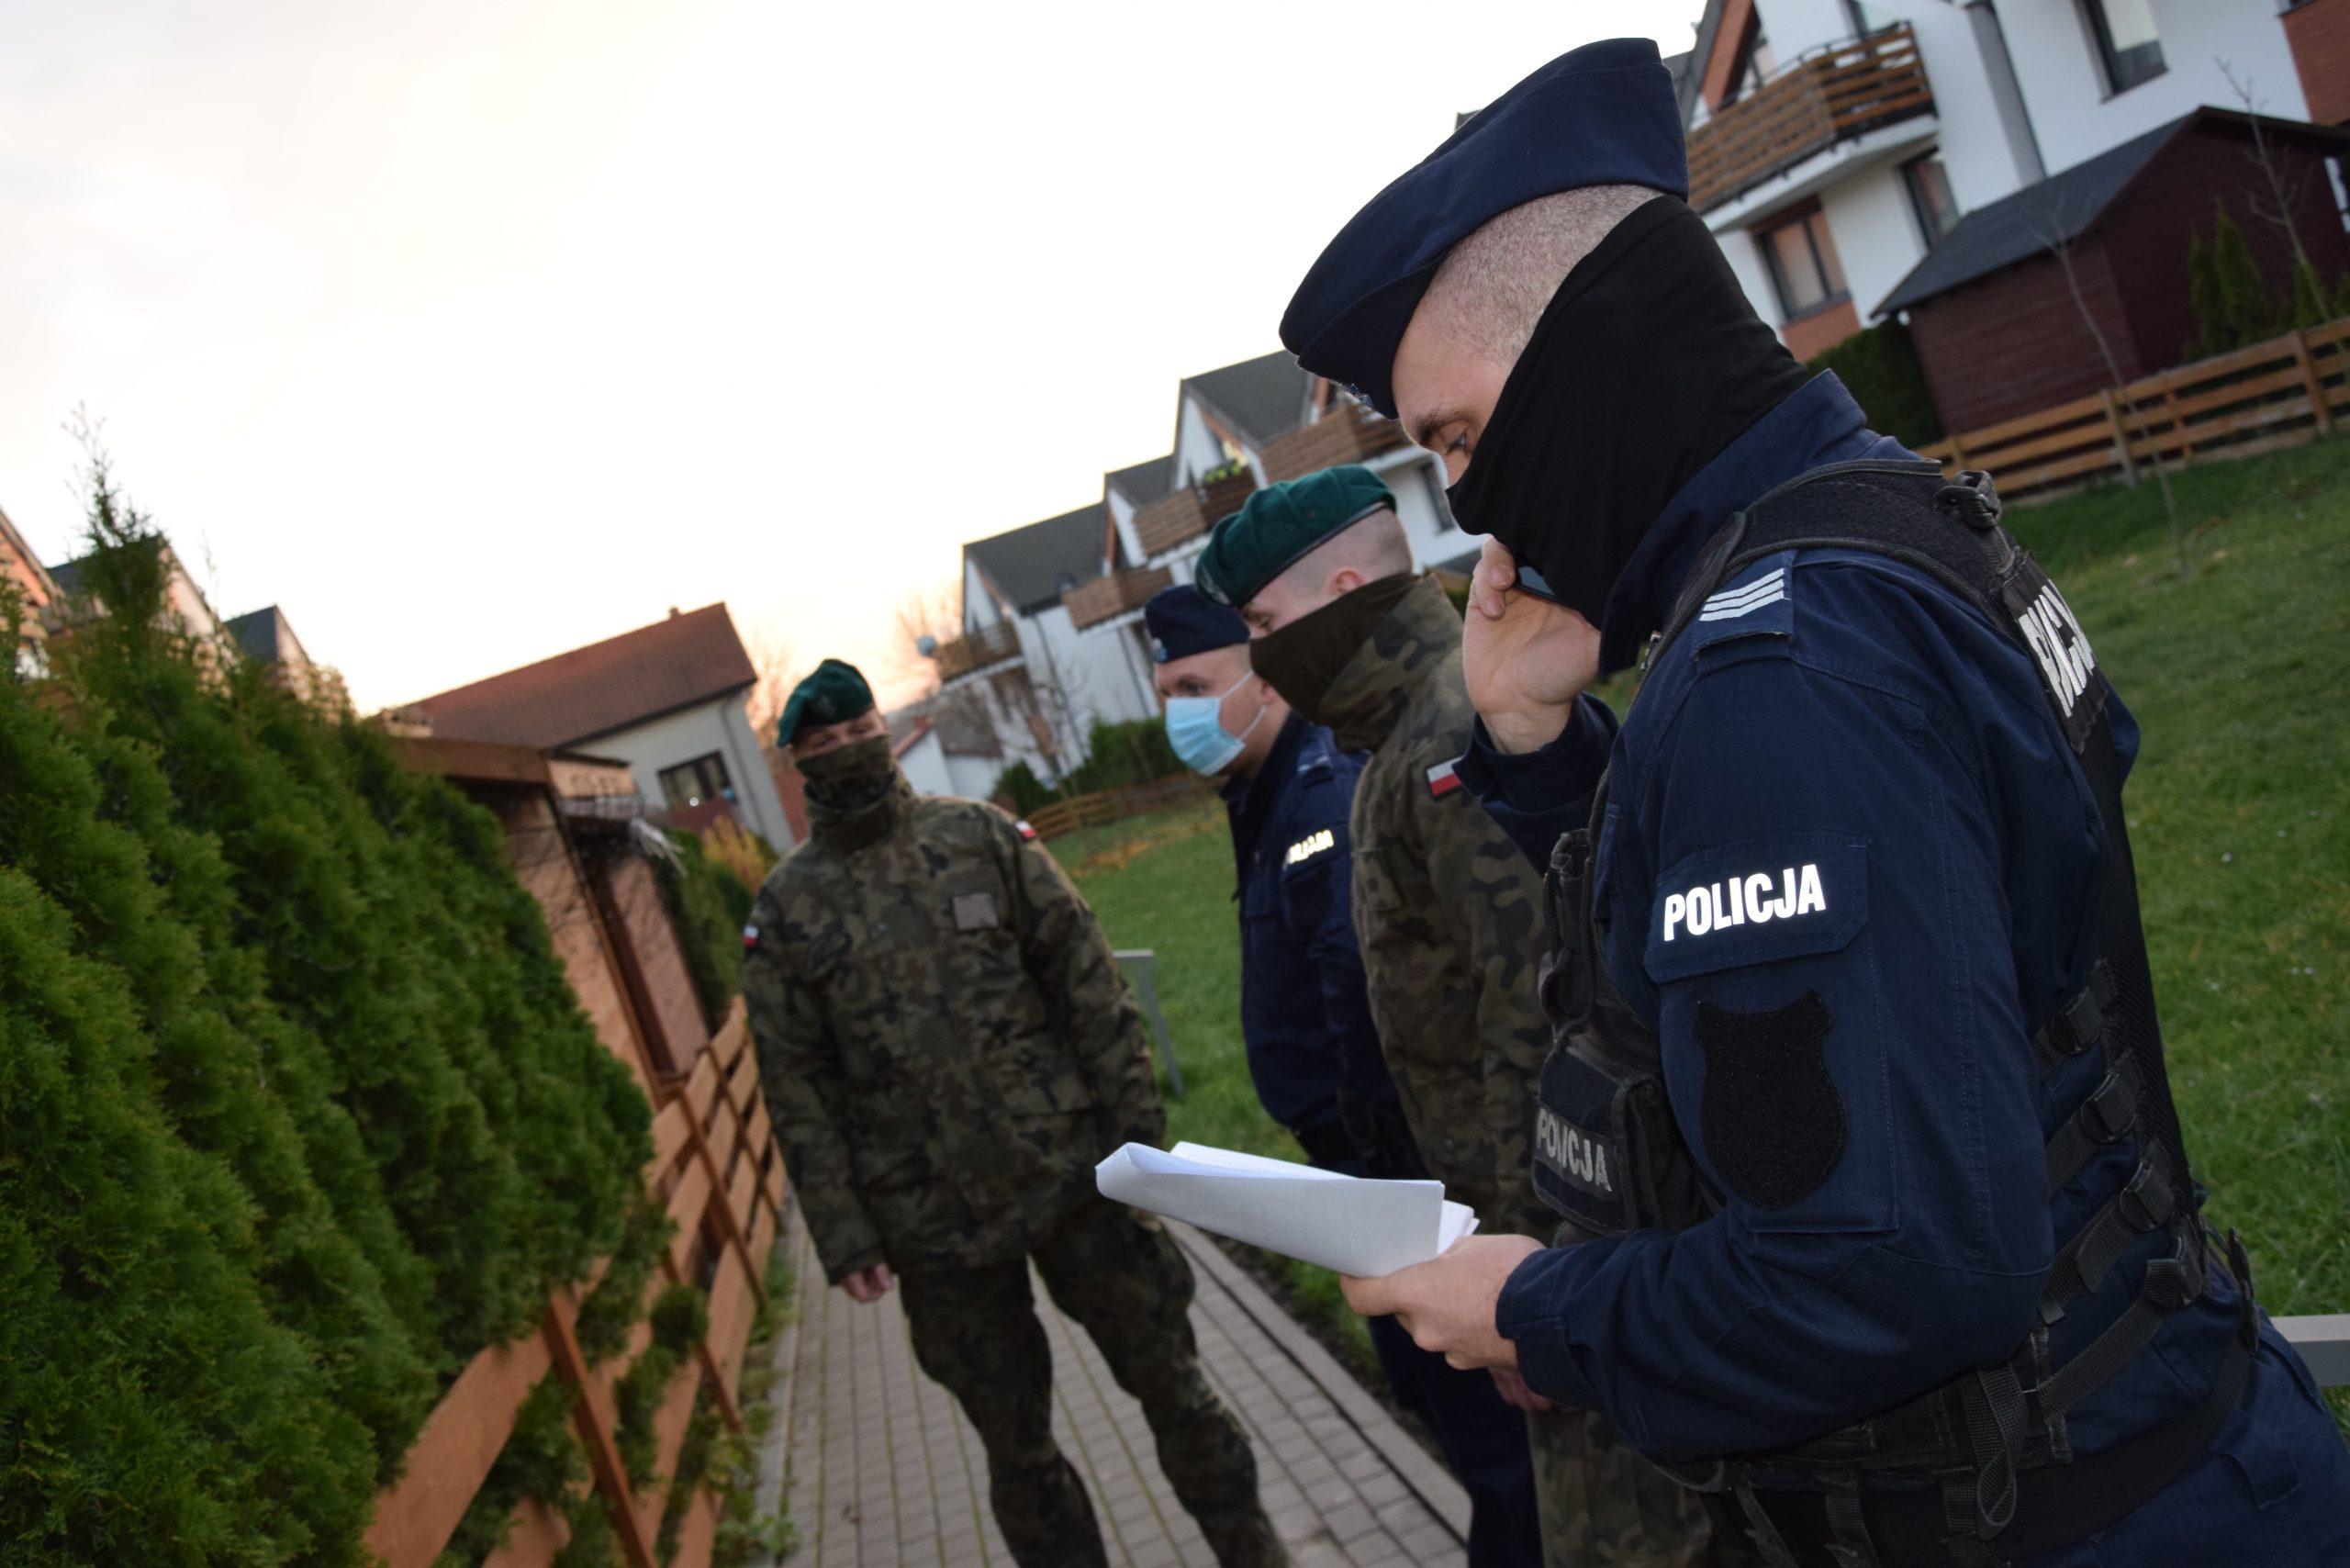 Powiat pucki: na Wielkanoc 2021 zostańcie w domach, apelują policjanci z Pucka